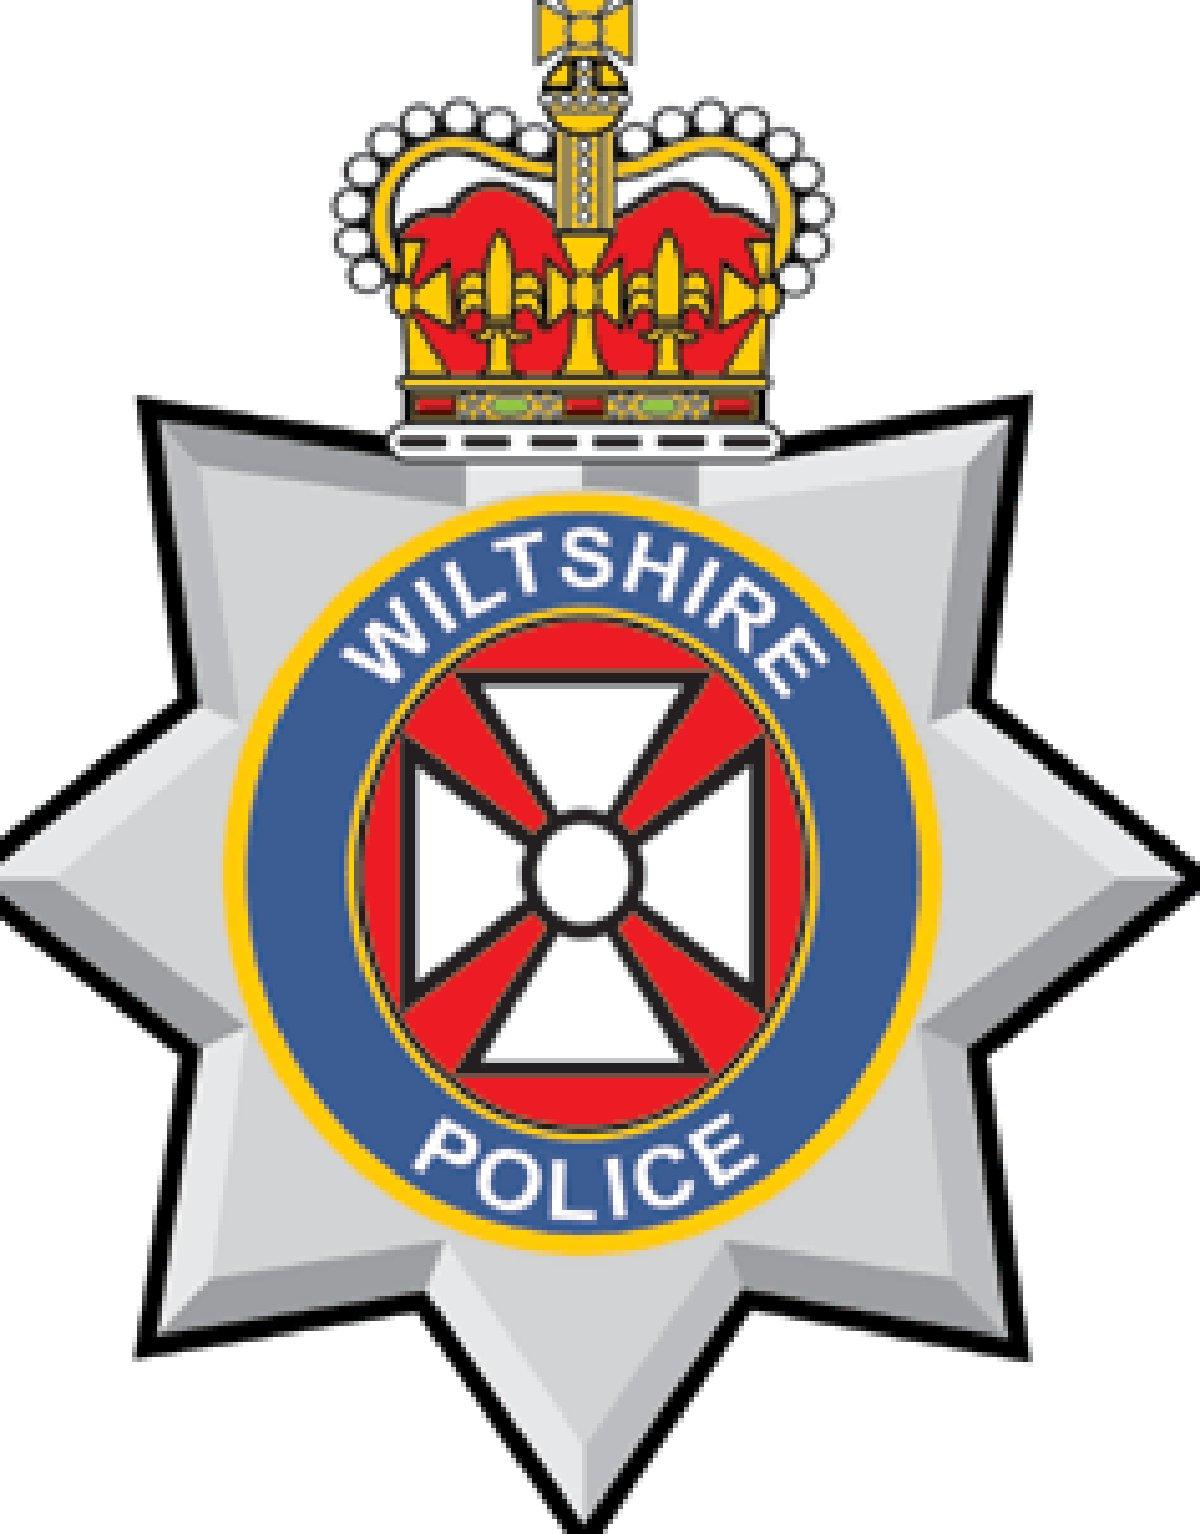 locked up  police urge  Up Police Logo